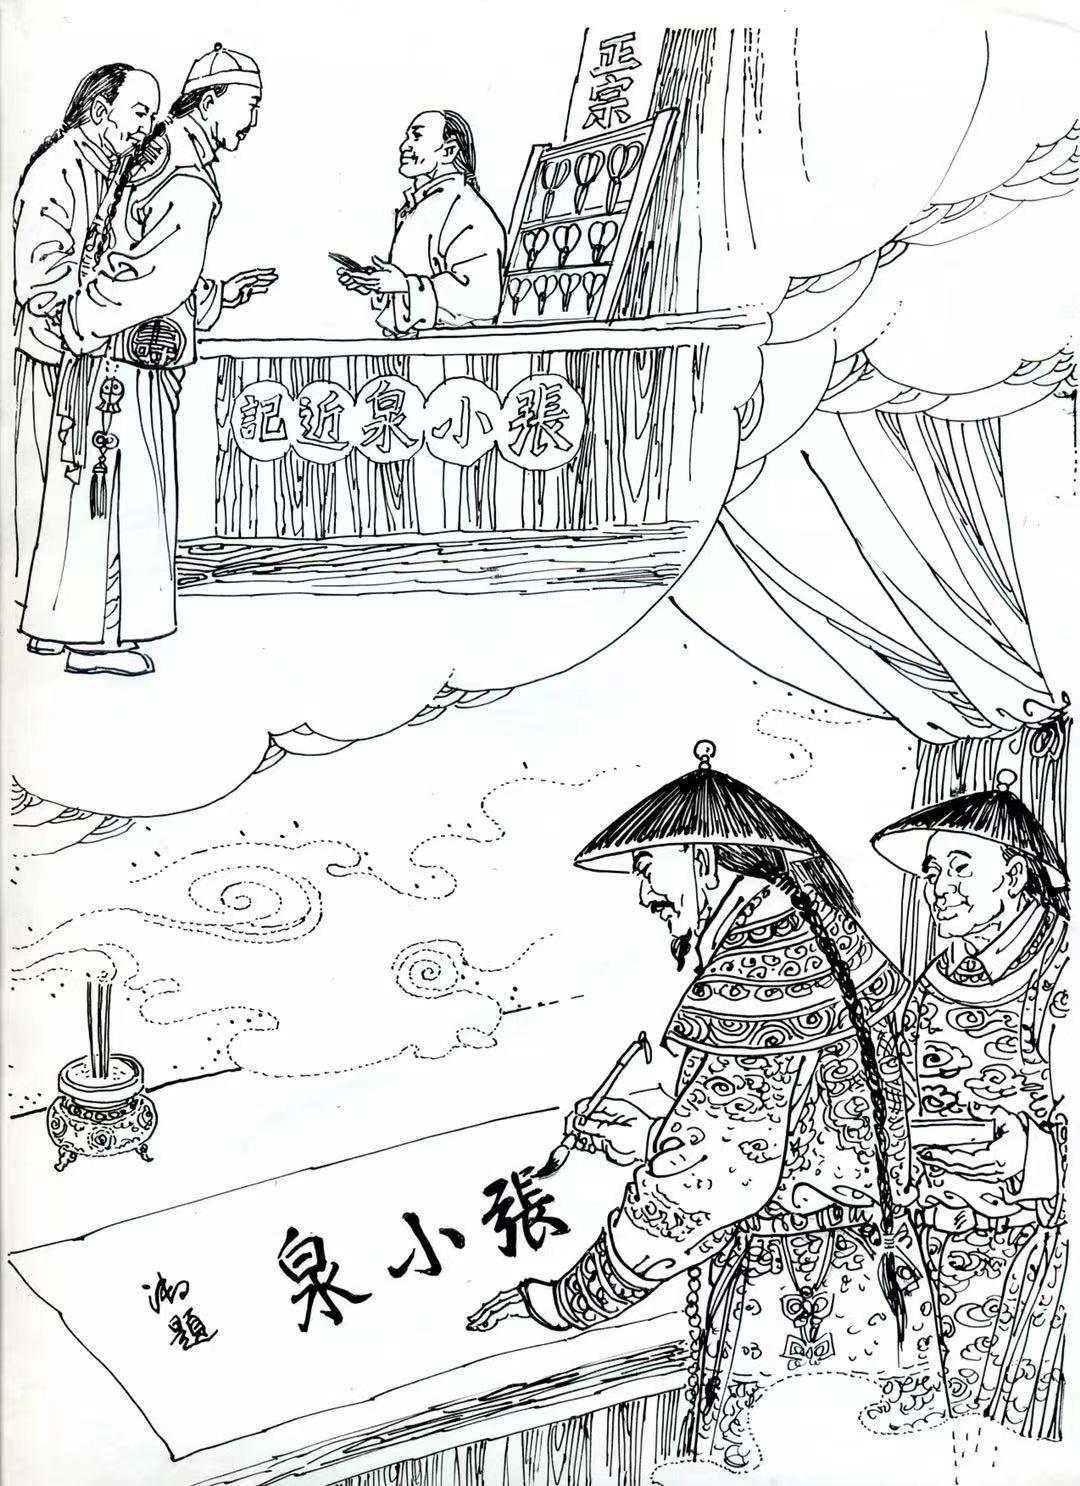 """御赐宫剪:1781年,清·乾隆帝责成浙江专为朝廷采办贡品的织造衙门进贡""""张小泉近记""""剪刀为宫中用剪,并御笔亲题""""张小泉""""三字,赐予张小泉近记剪刀铺。"""